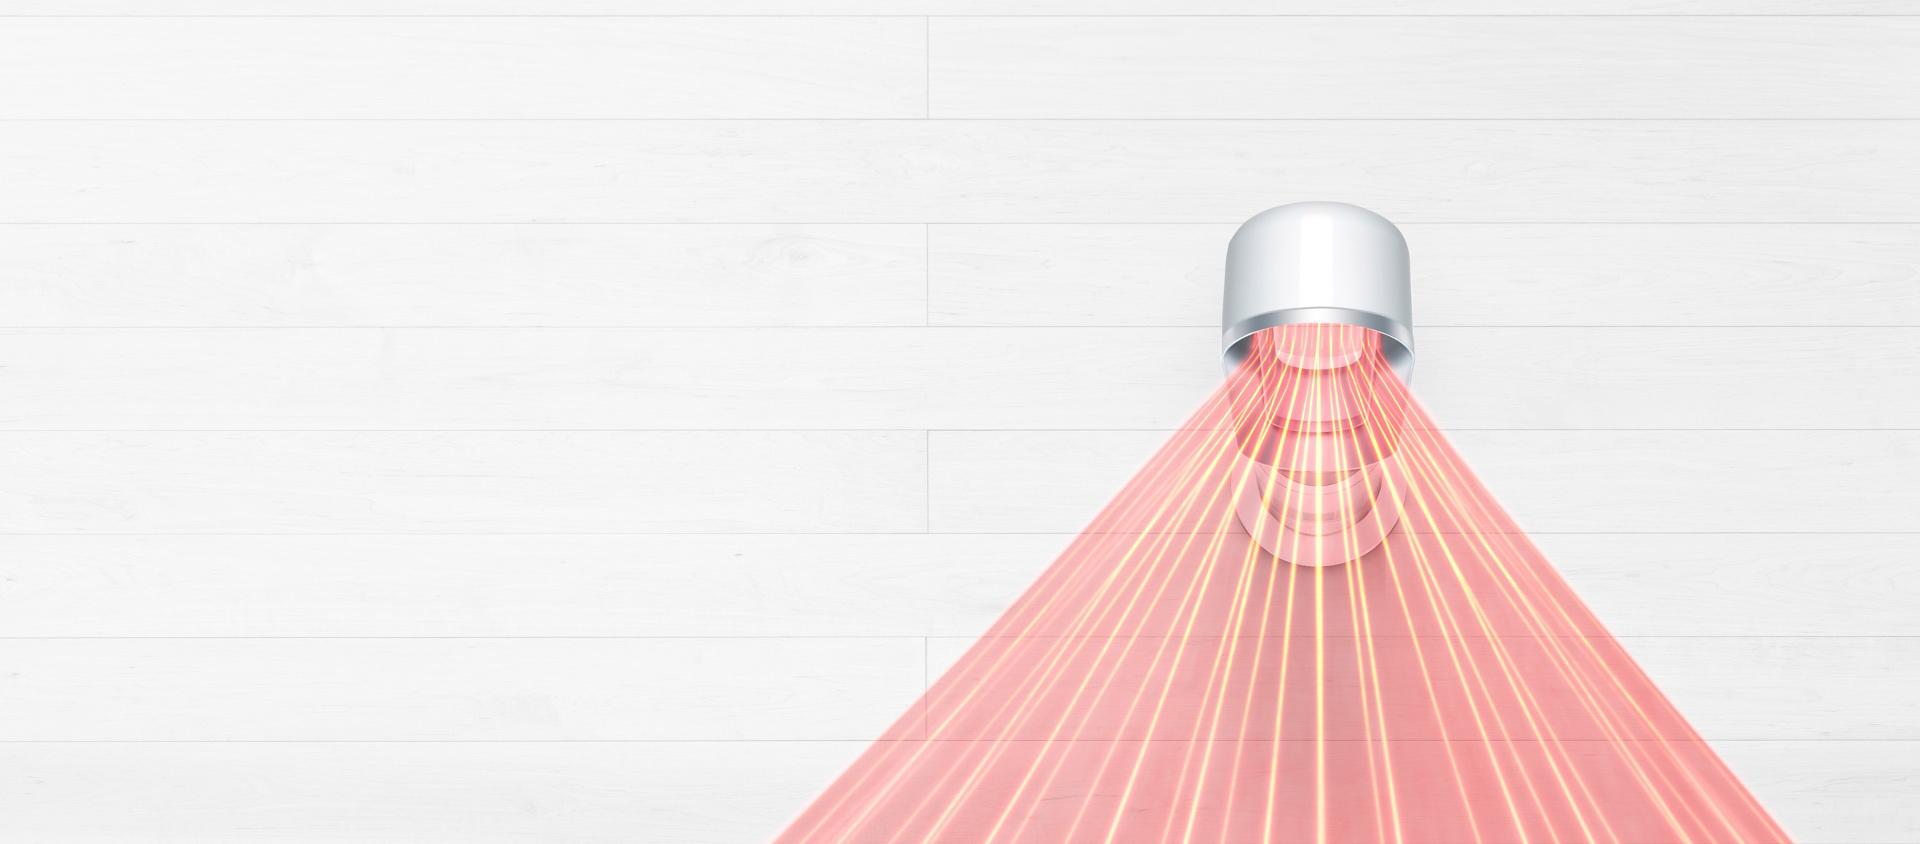 Dyson fan heater airflow from above